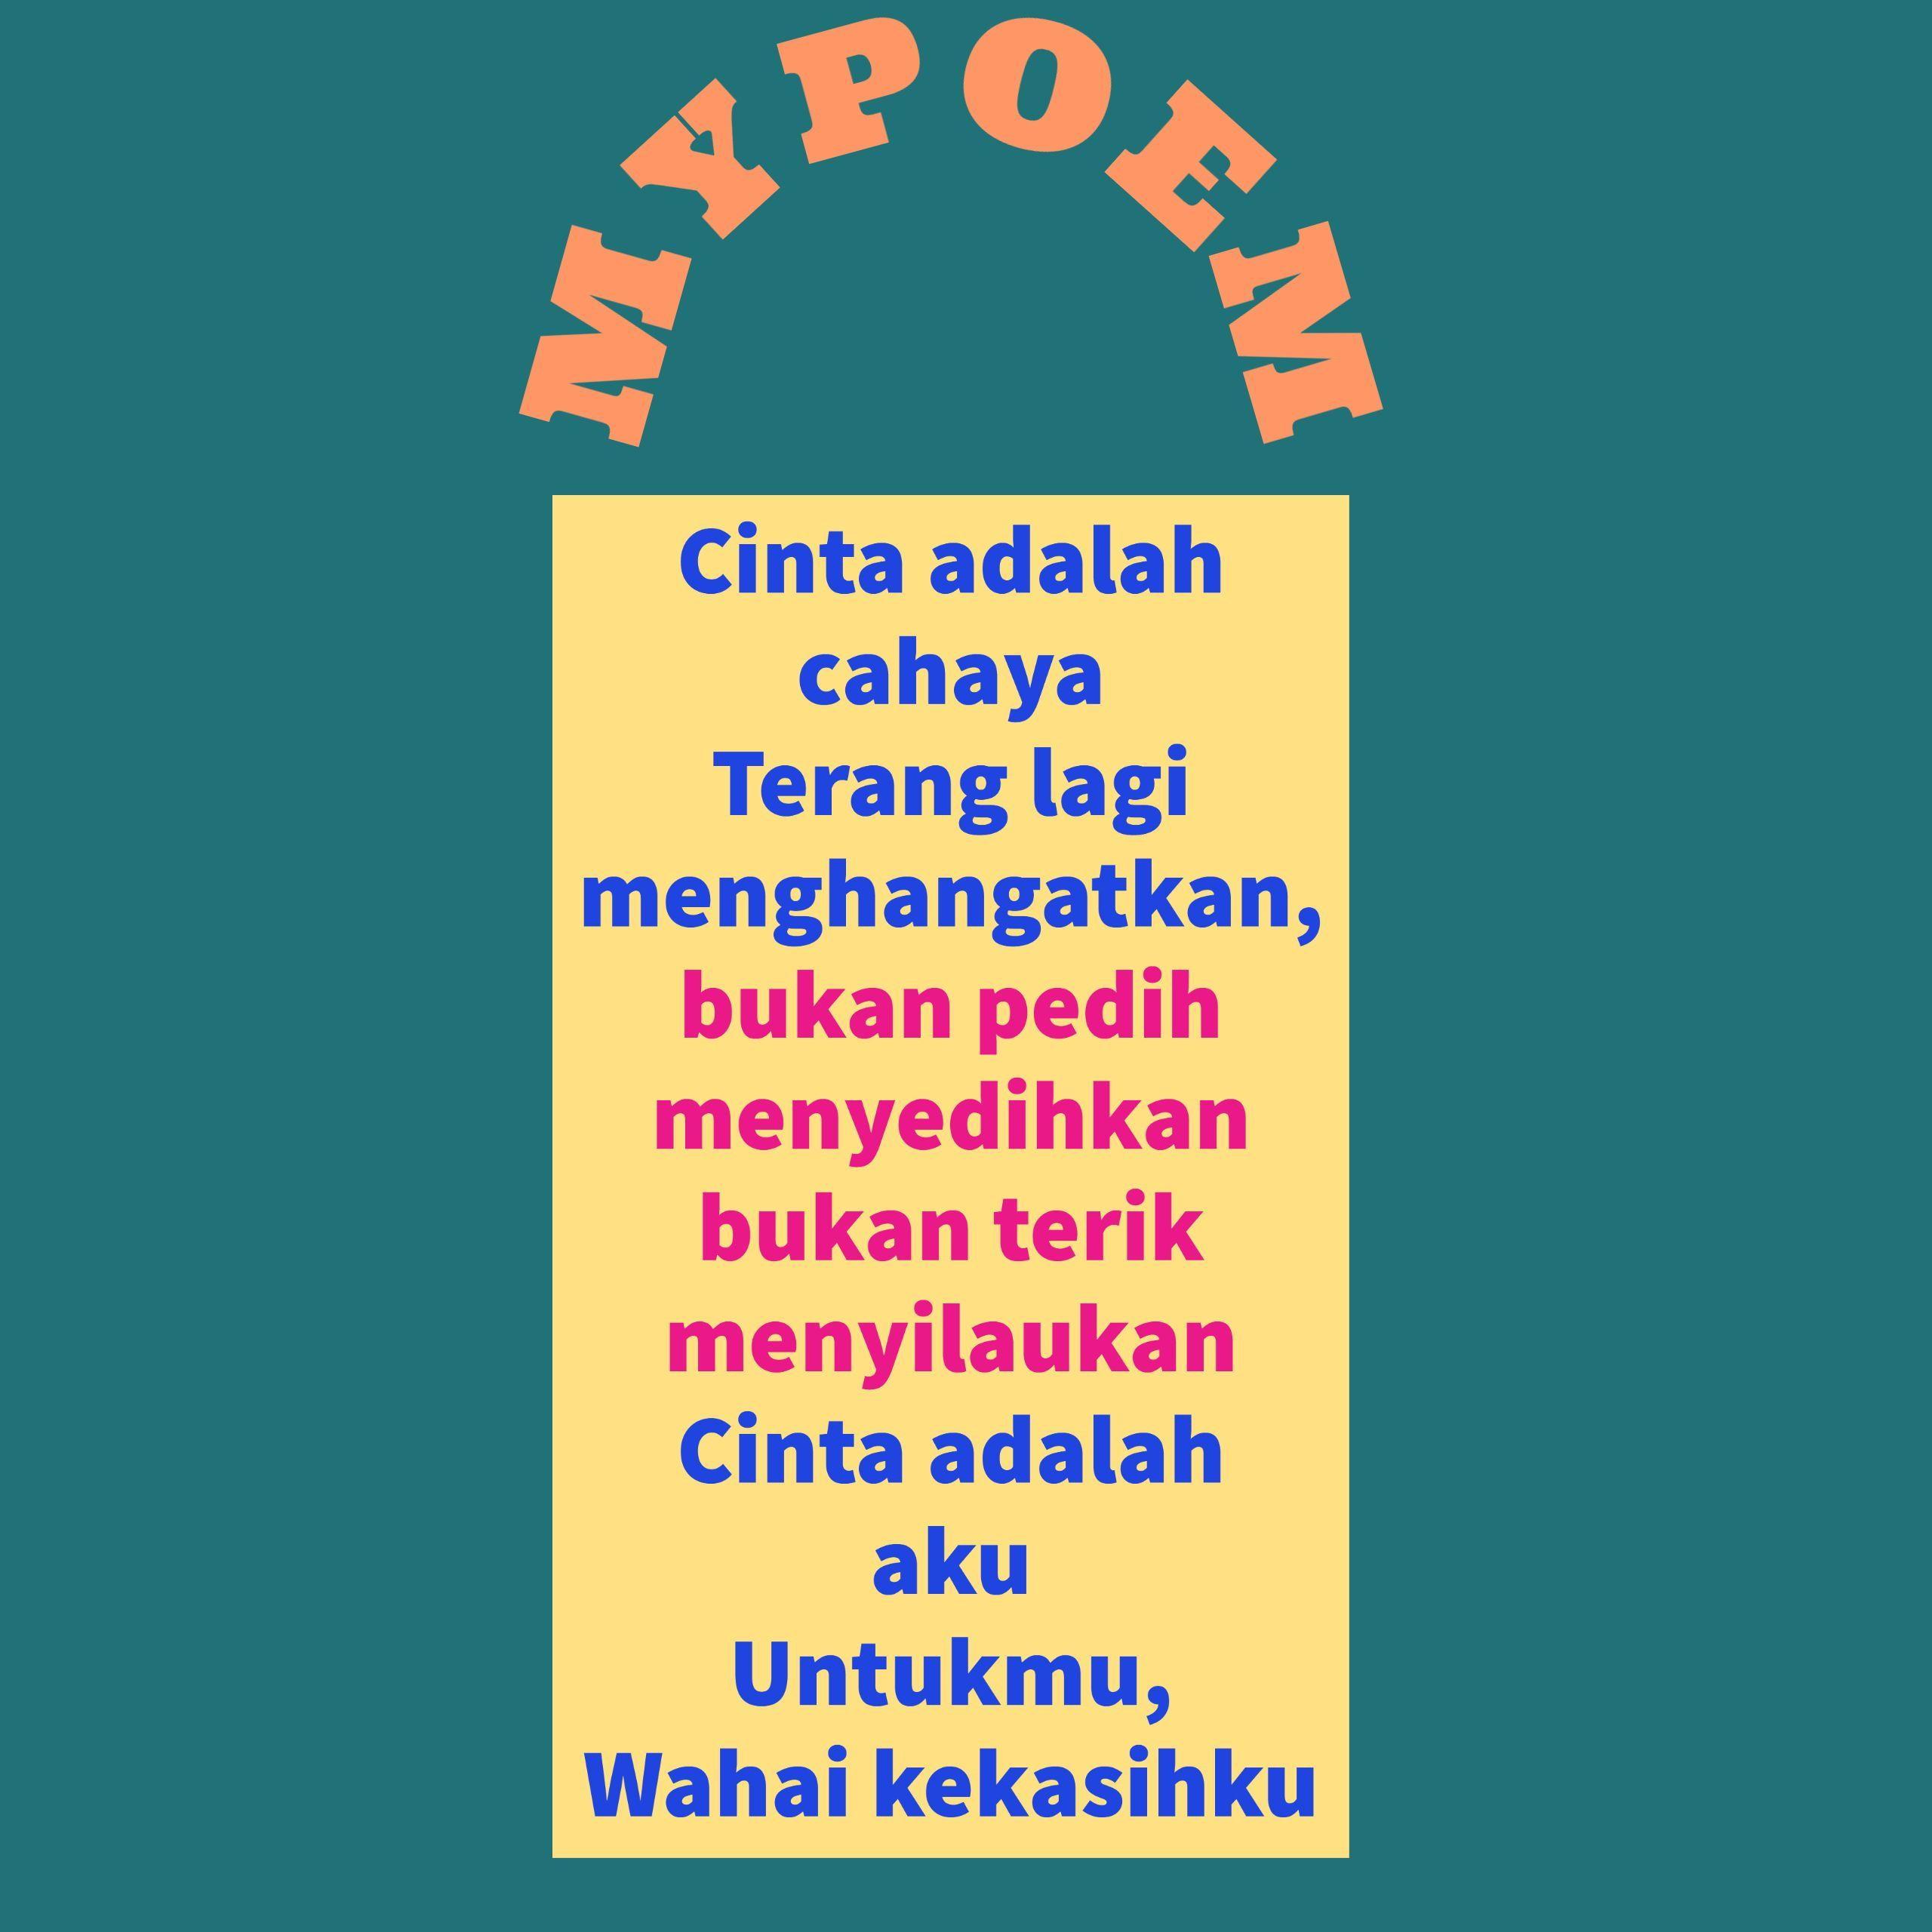 Puisi Cinta Romantis Untuk Pacar Tersayang Panjang Penuh Makna Puisi Cinta Puisi Romantis